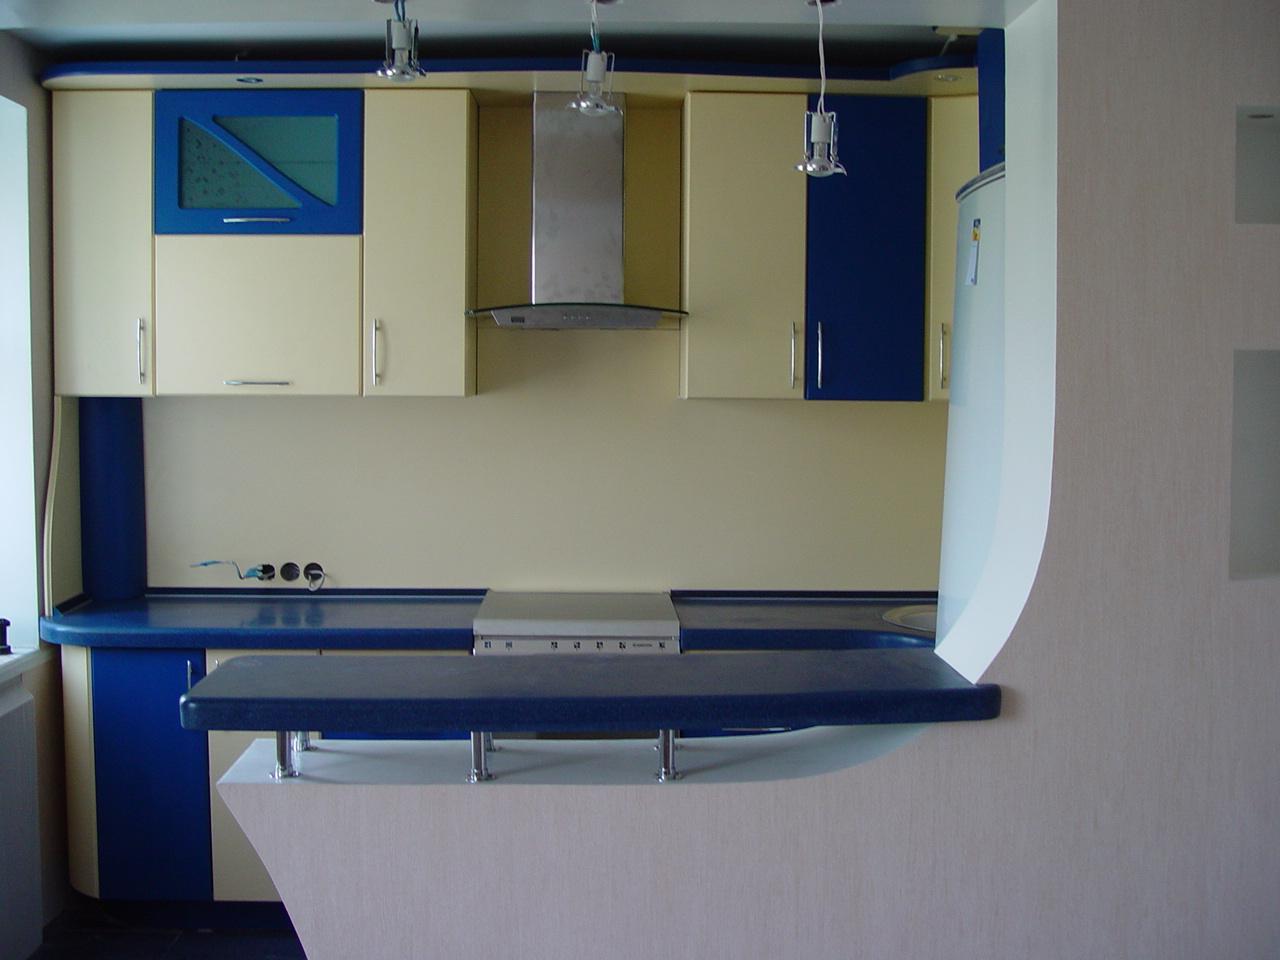 Барная стойка для кухни (11 фото), фото барная стойка для ку.